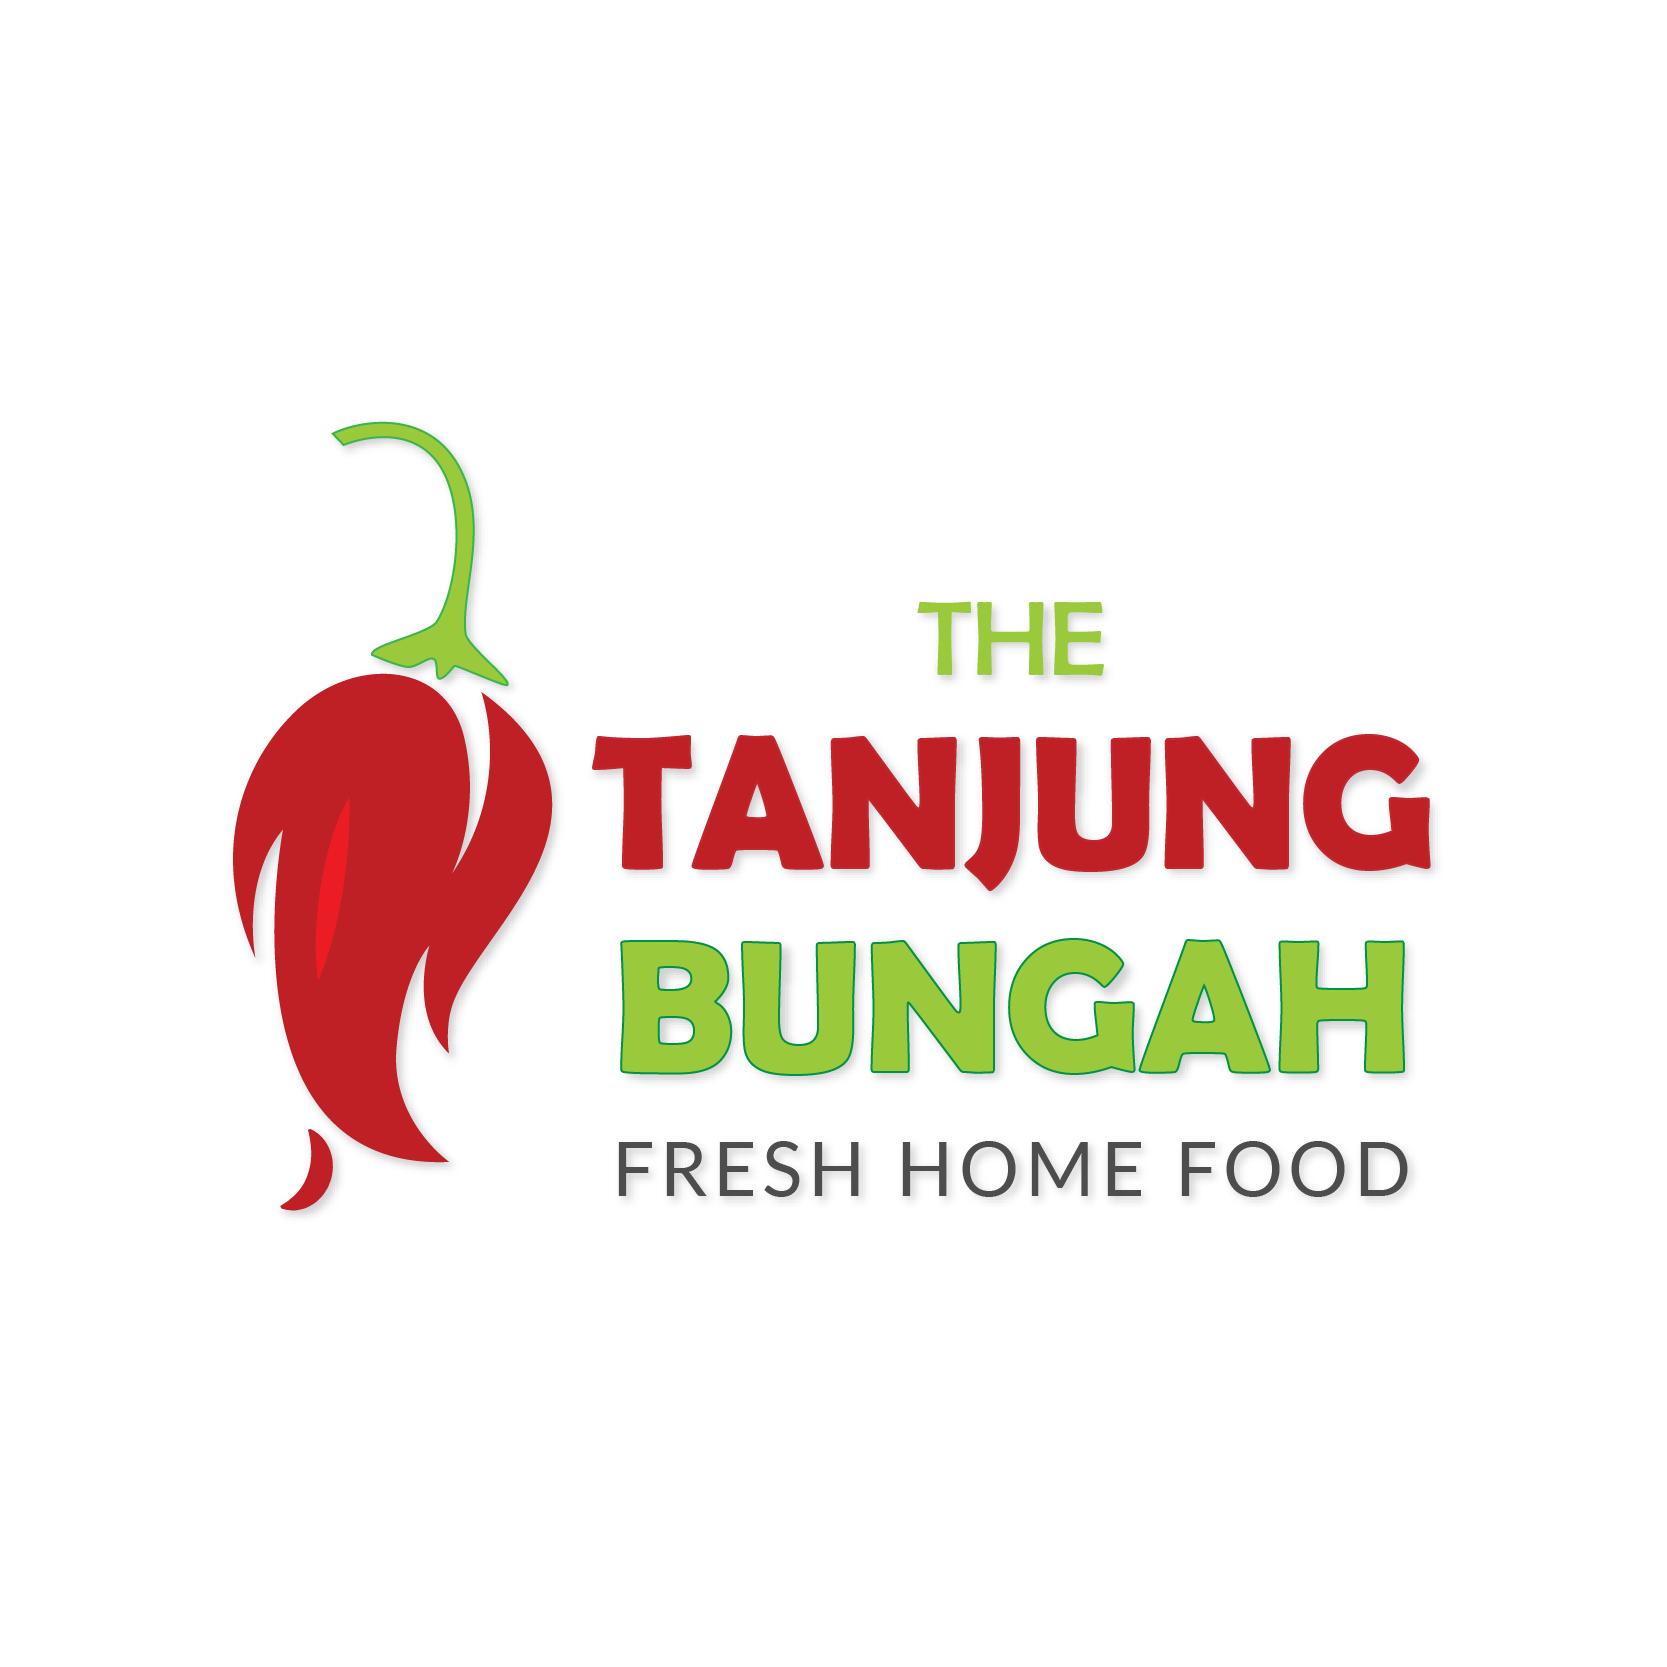 The Tanjung Bungah